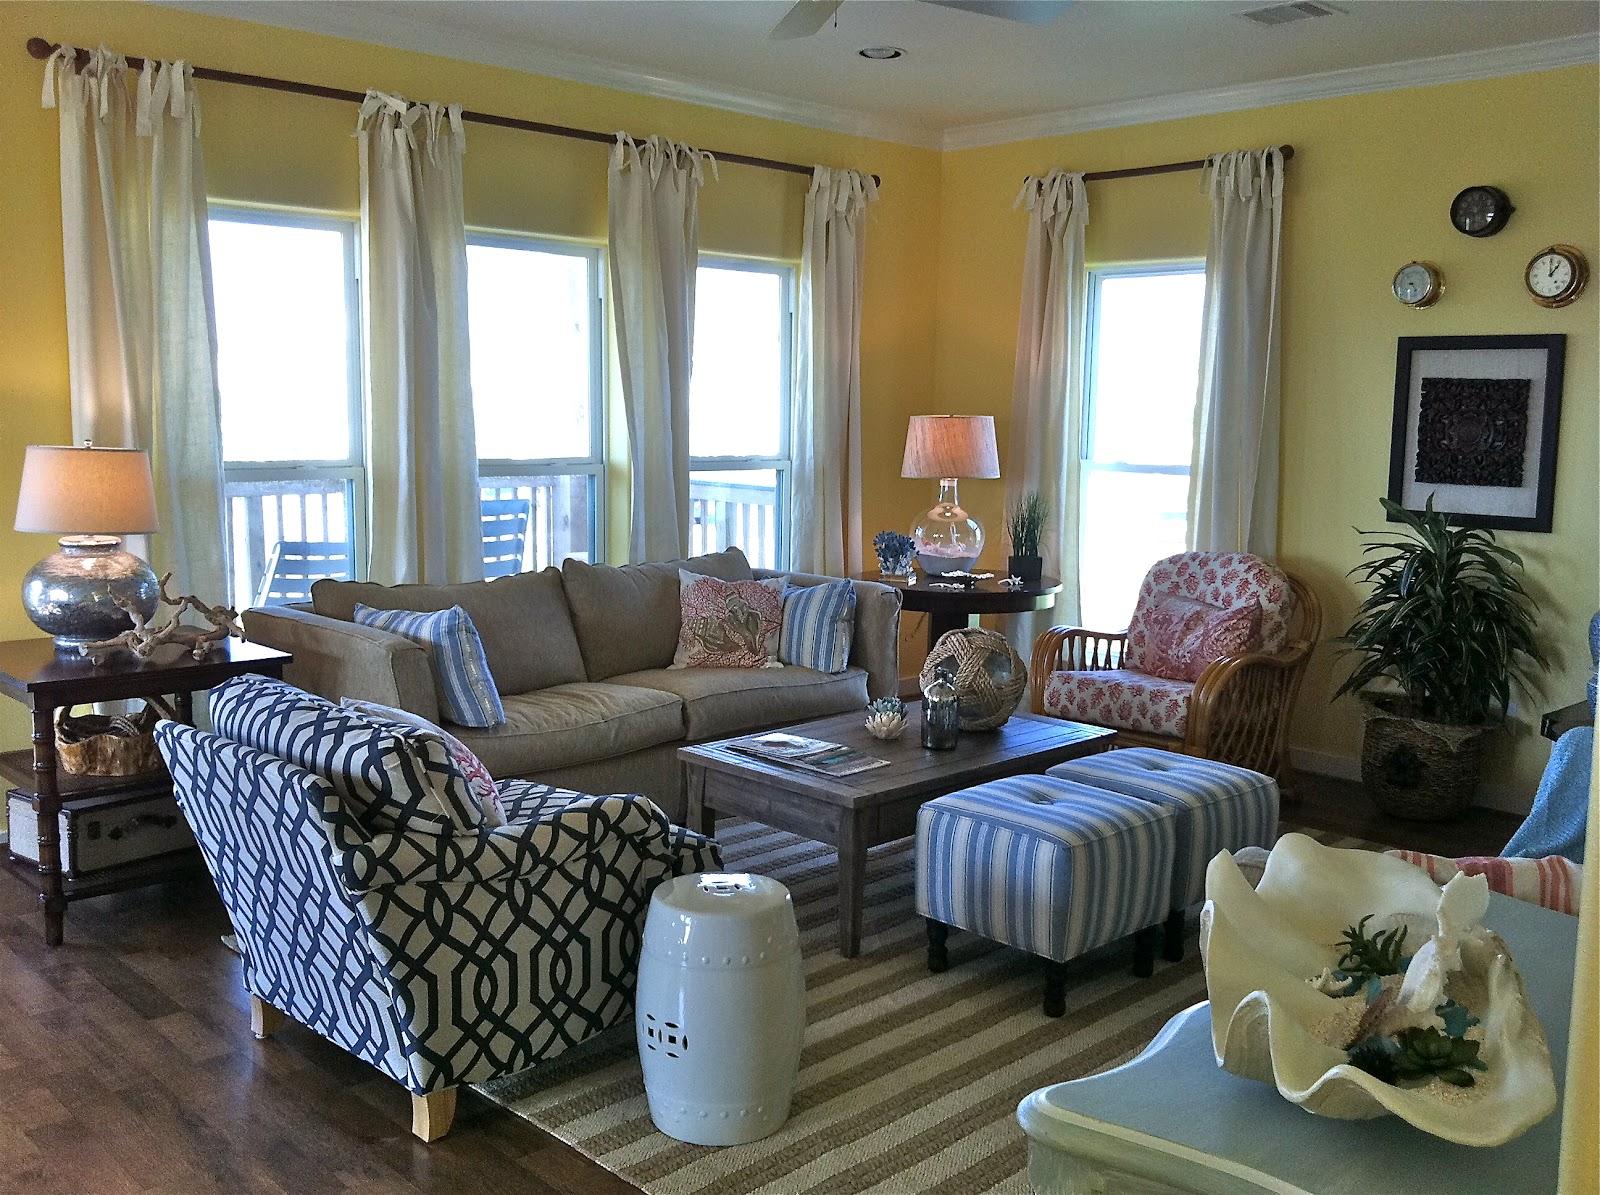 Kim armstrong 39 s interior design blog beach house bliss - Beach house living room ideas ...